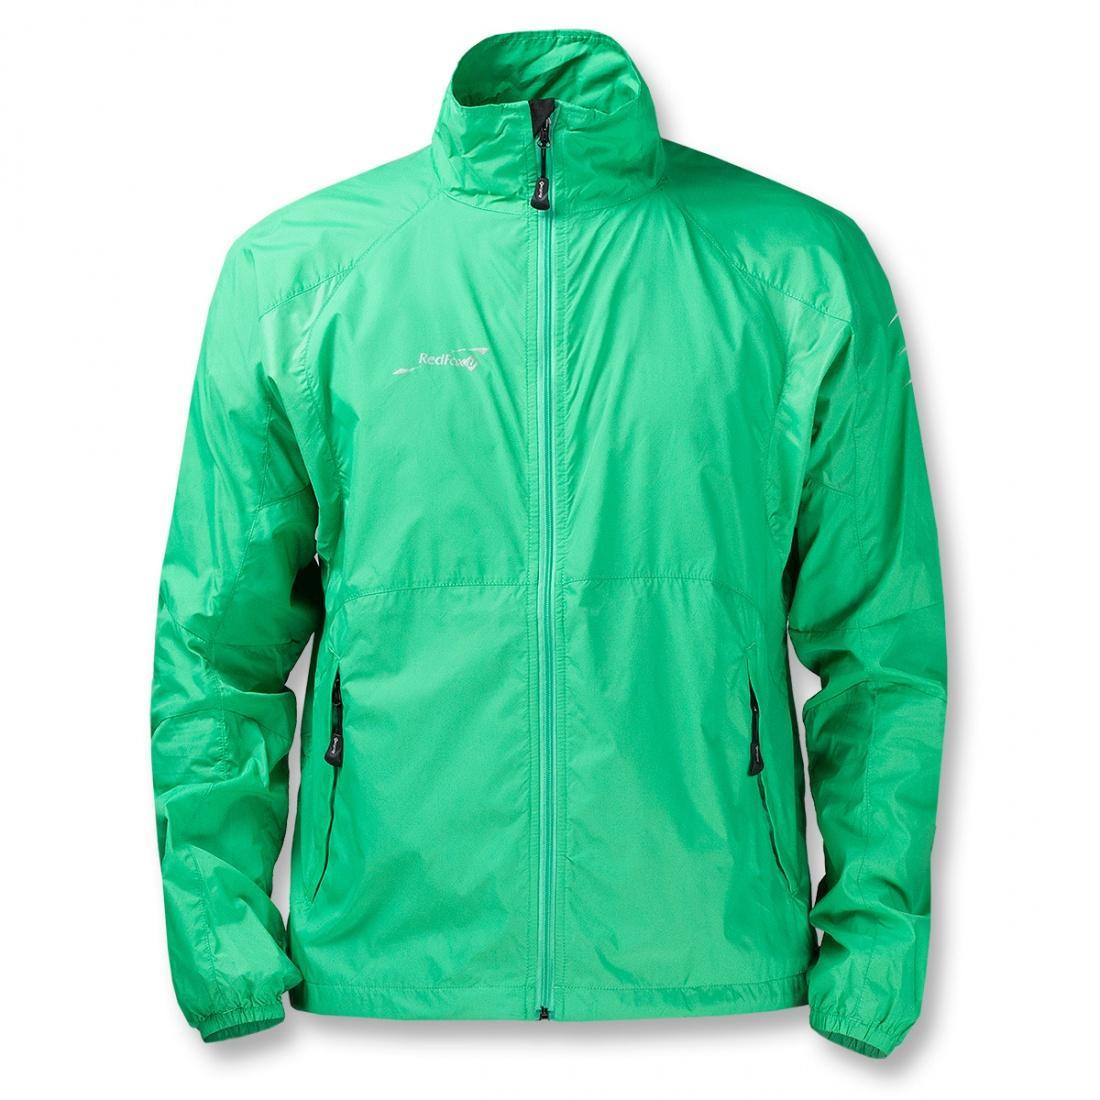 Куртка ветрозащитная Trek Light IIКуртки<br><br> Очень легкая куртка для мультиспортсменов. Отлично сочетает в себе функции защиты от ветра и максимальной свободы движений. Куртку можно компактно упаковать в карман, расположенный на спине.<br><br><br> Особенности:<br><br><br>Два бо...<br><br>Цвет: Зеленый<br>Размер: 42